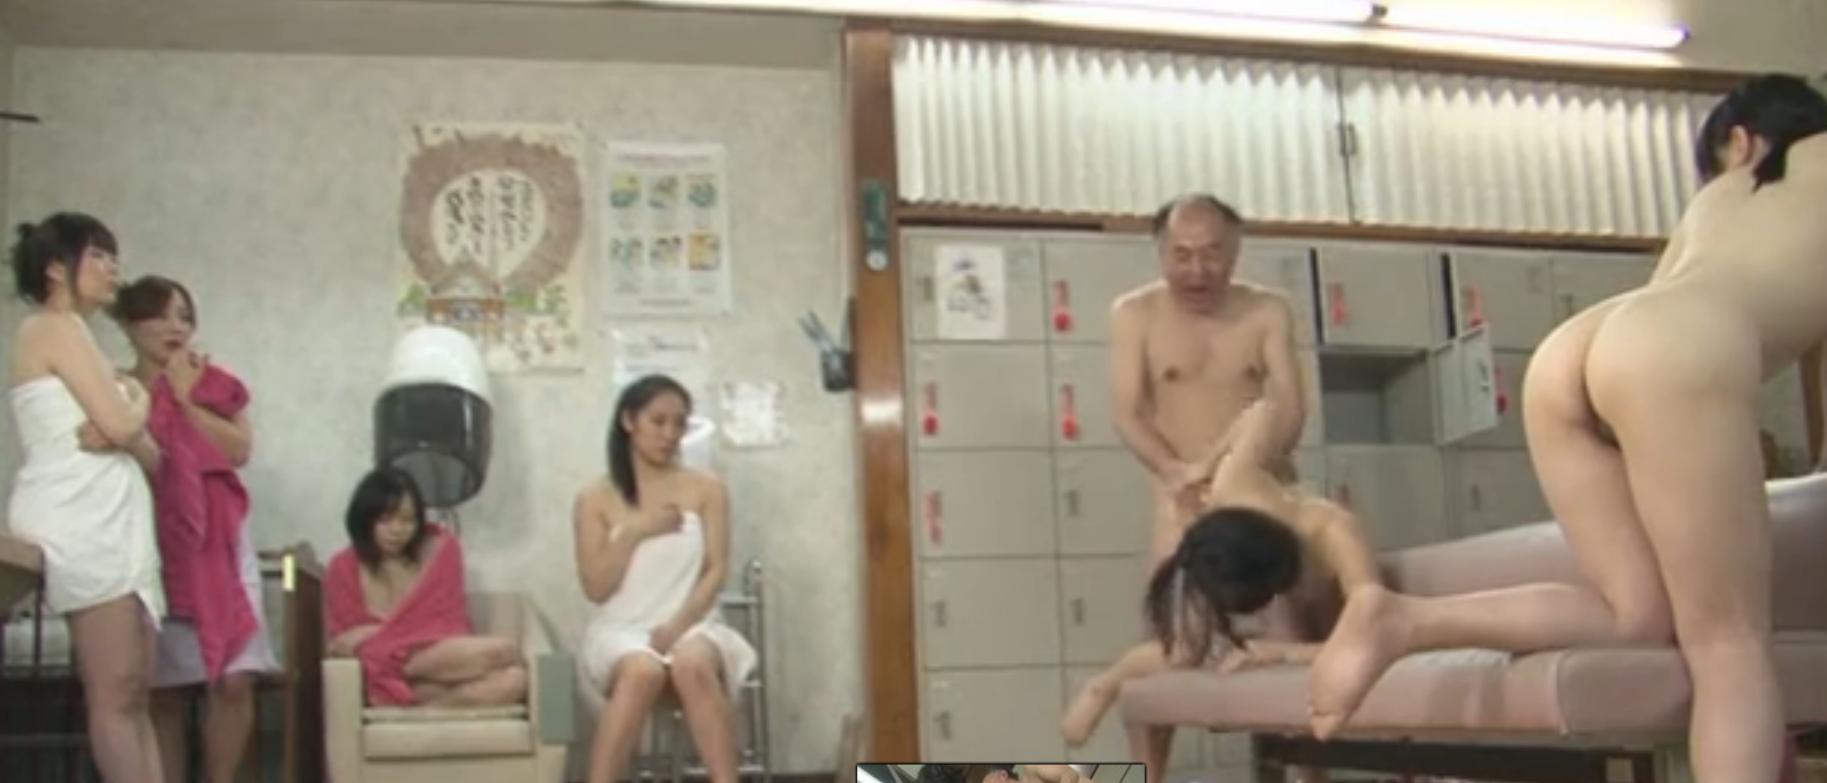 【無修正】時間を止めて銭湯の女風呂でやり放題の親父